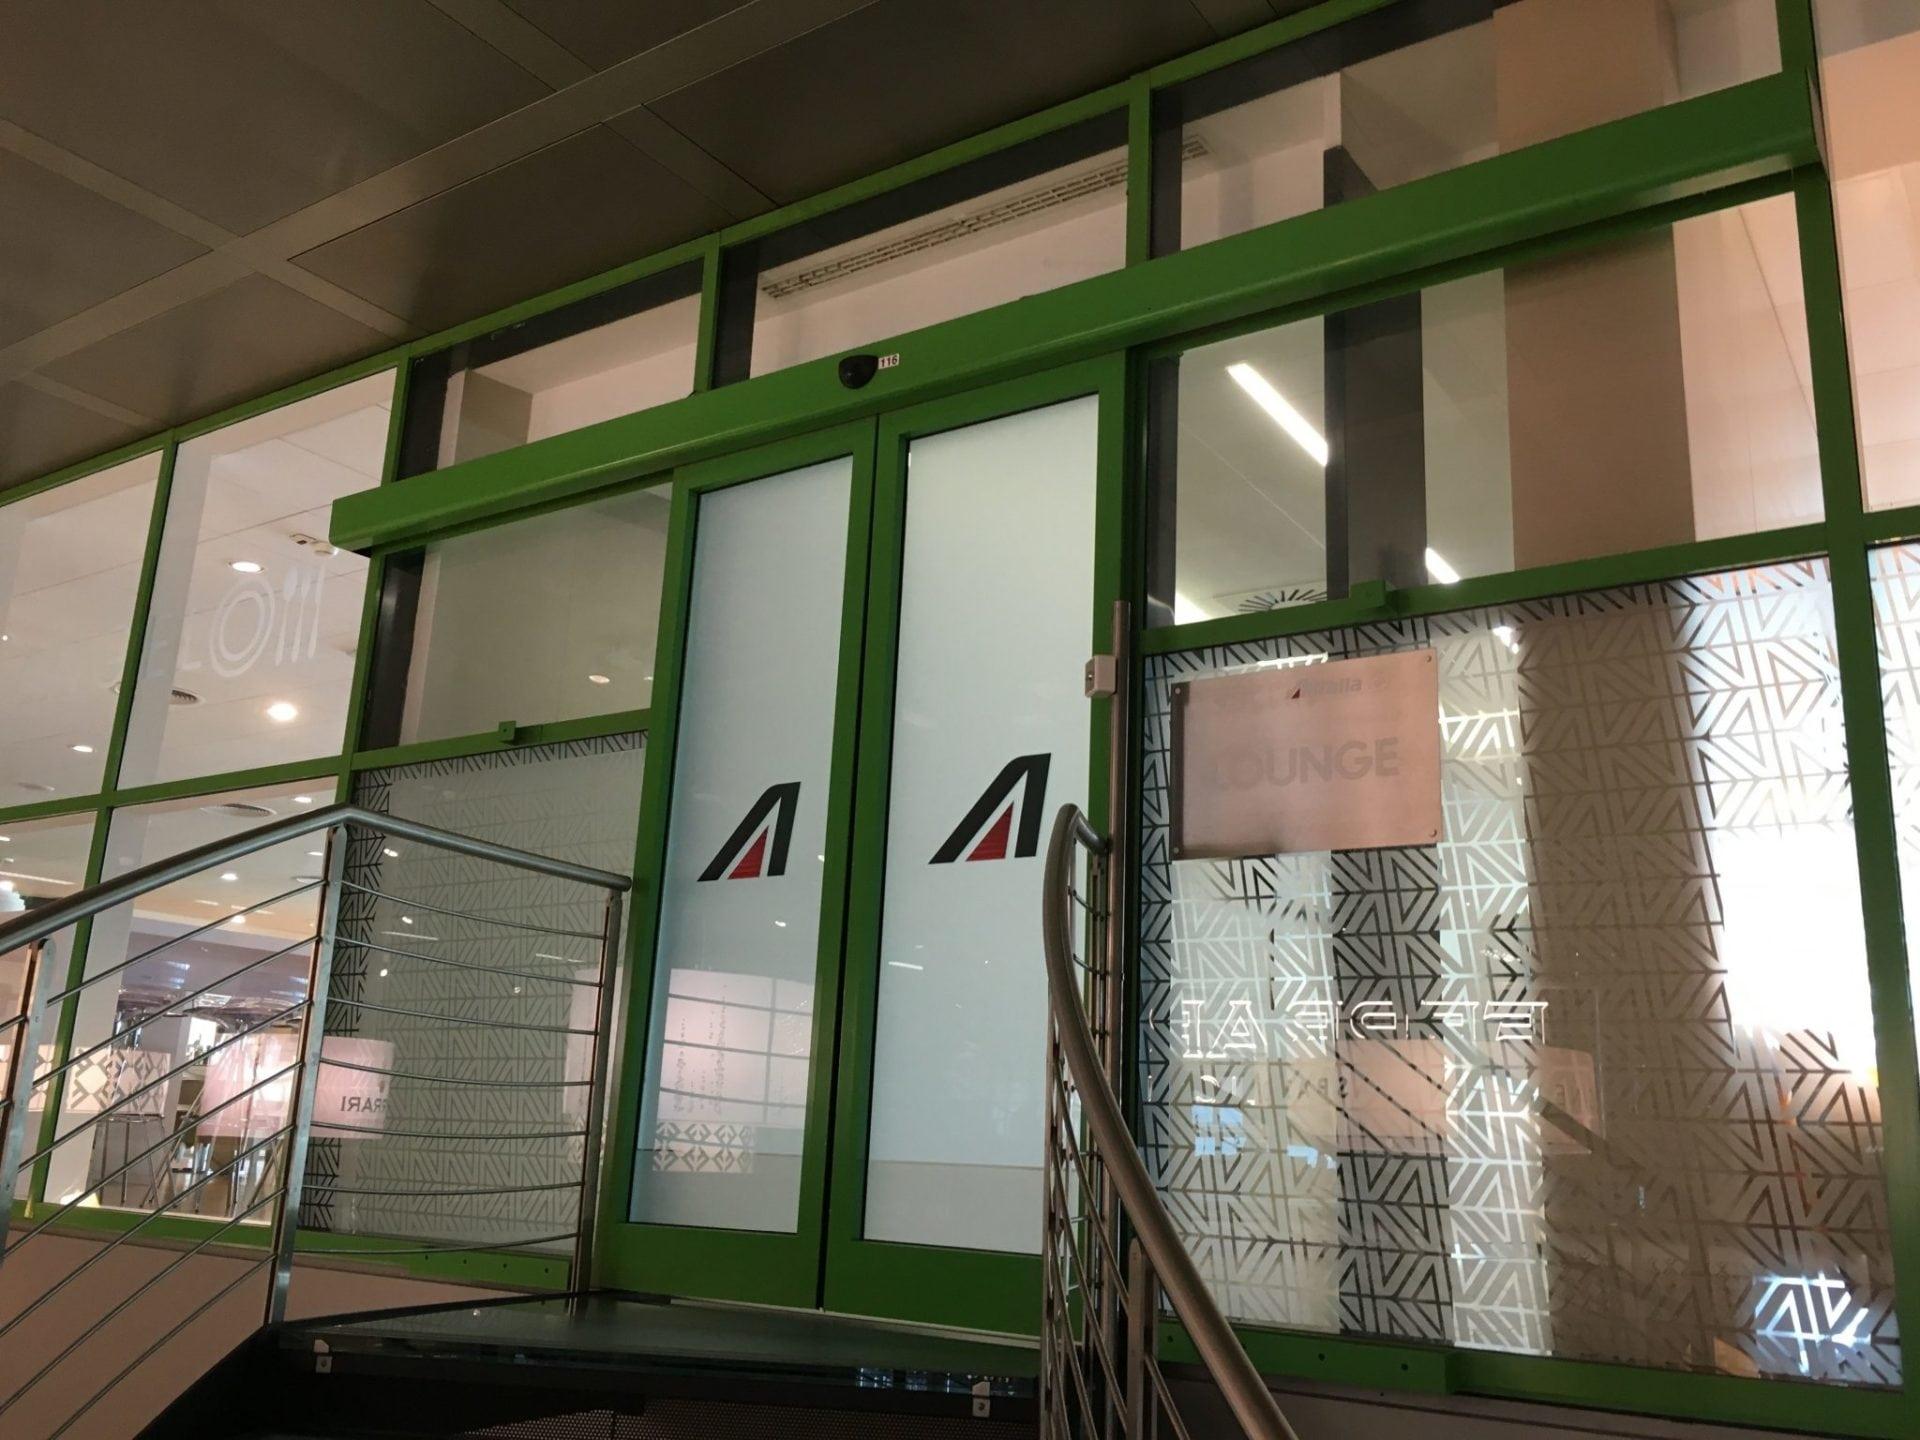 Alitalia Lounge Mailand Linate-1